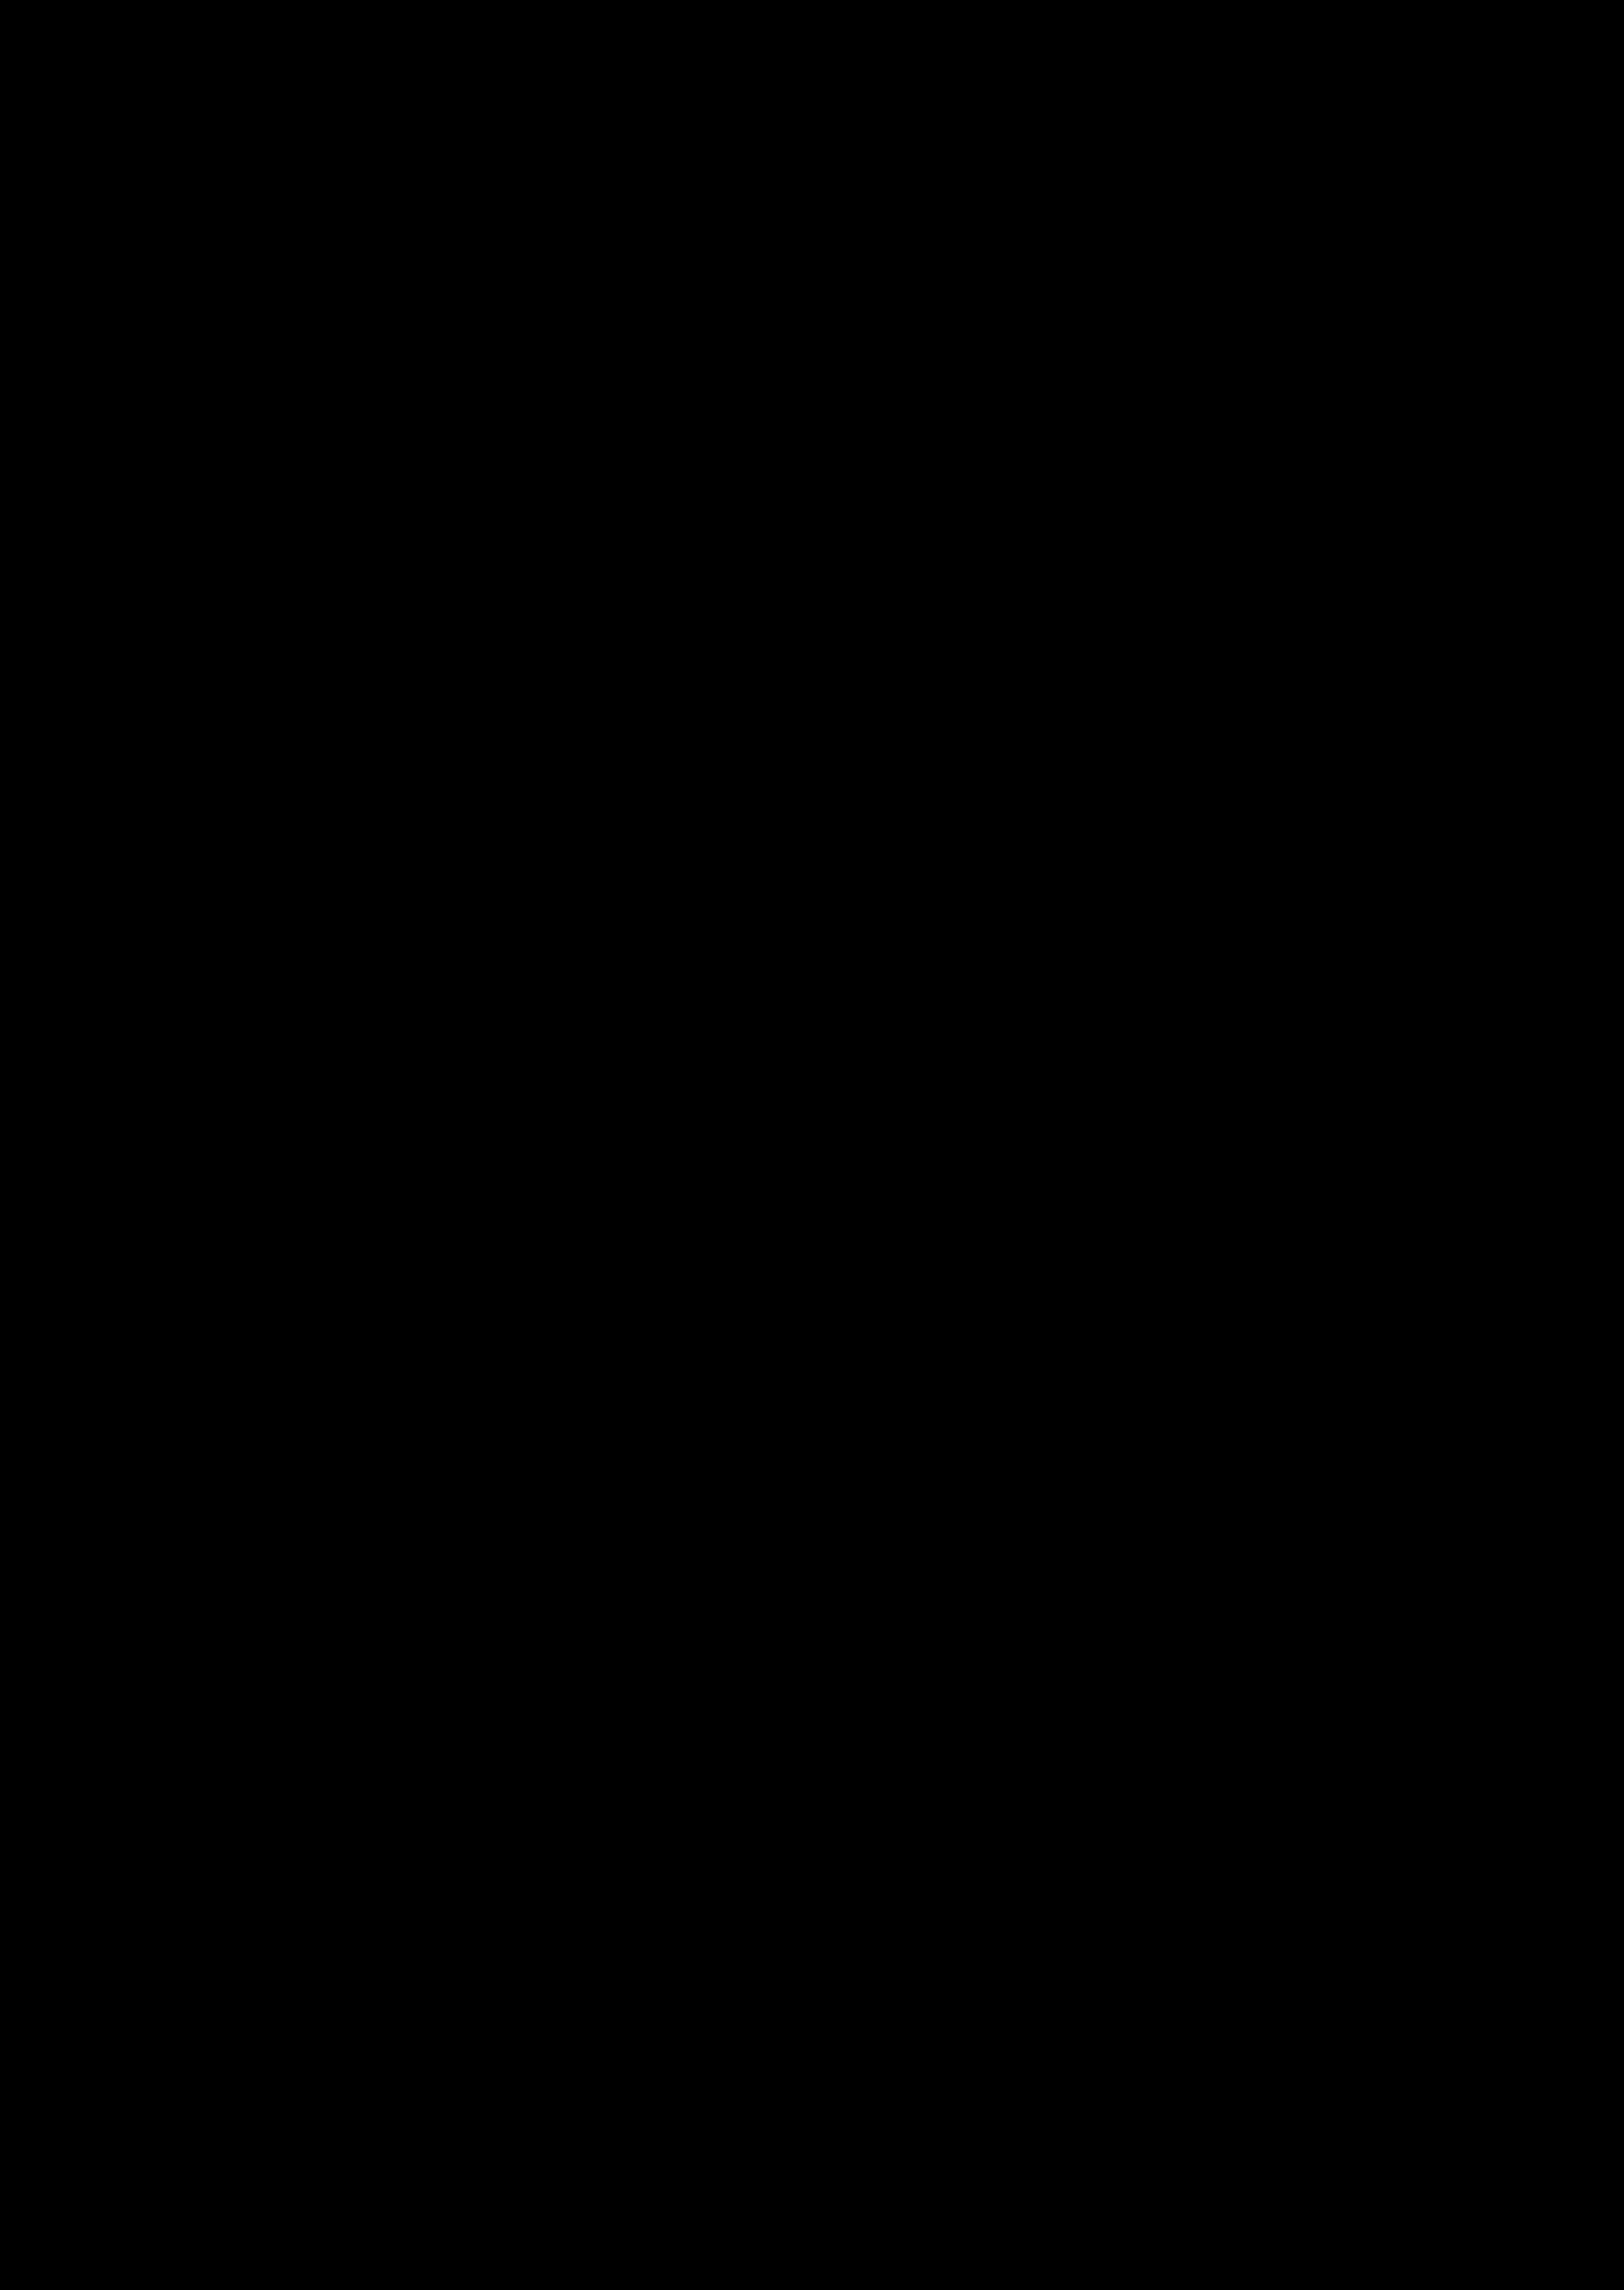 2021臺科大「創業管理行動實戰平台-開關公司」徵選活動海報